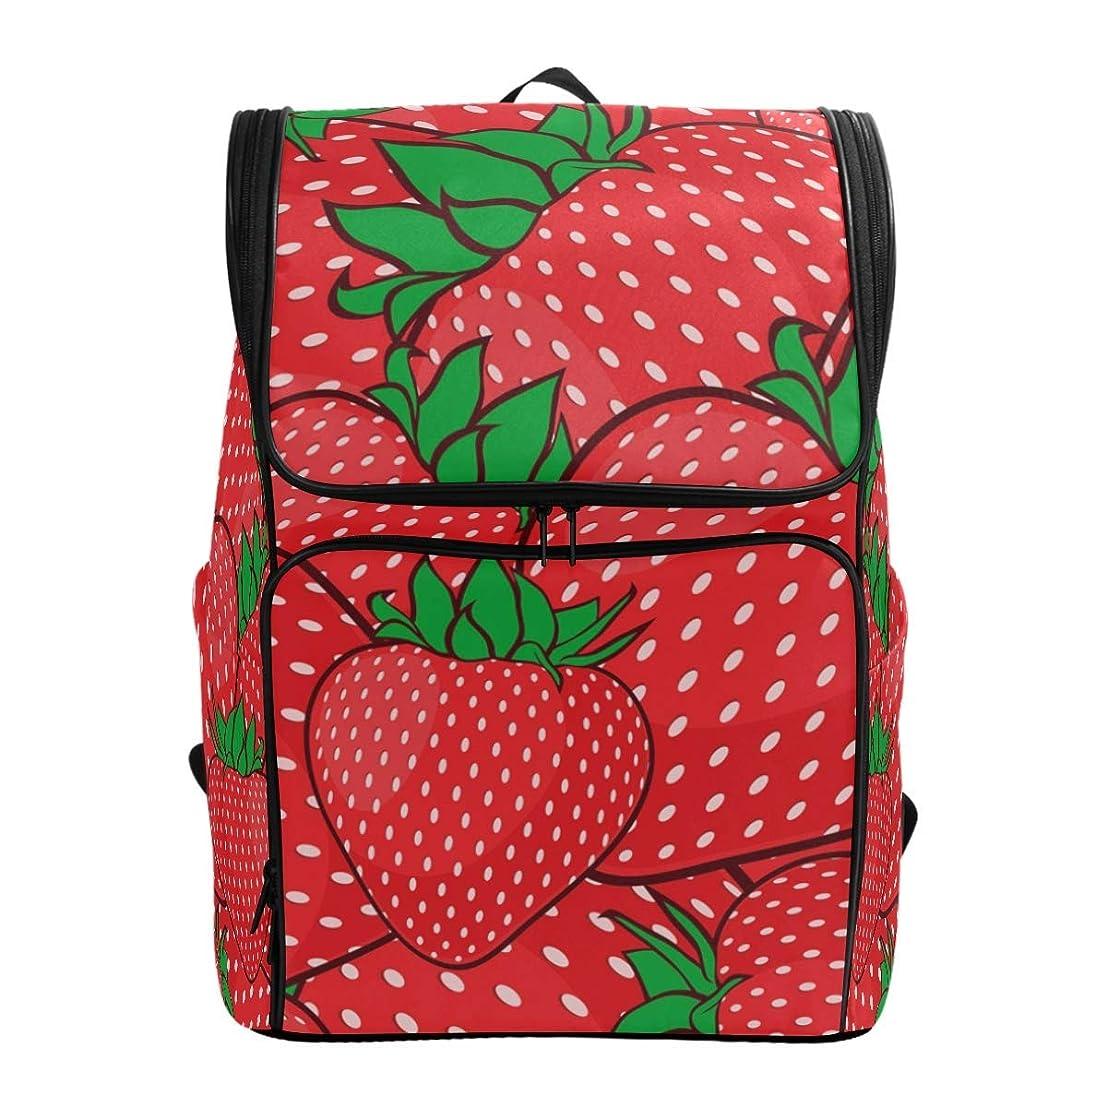 スロベニア拡声器思春期VAMIX リュックサック バッグ 男女兼用 メンズ レディース 通勤 通学 大容量 ファッション おしゃれ 開学 多機能 プレゼント ギフト イチゴ (Cute Strawberry)